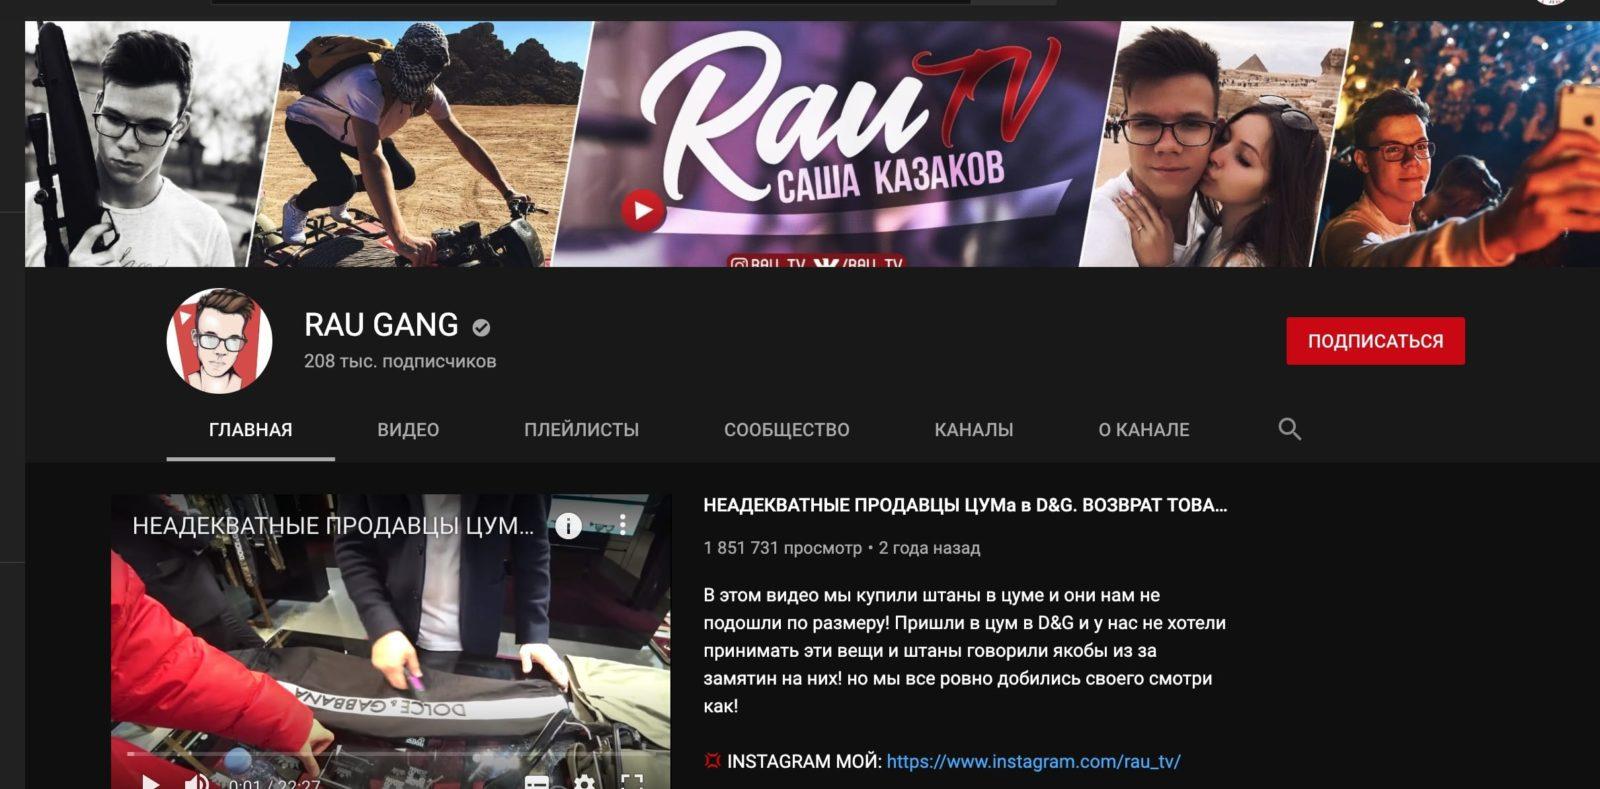 Ютуб канал каппера Rau Bet free (Рау Бет)